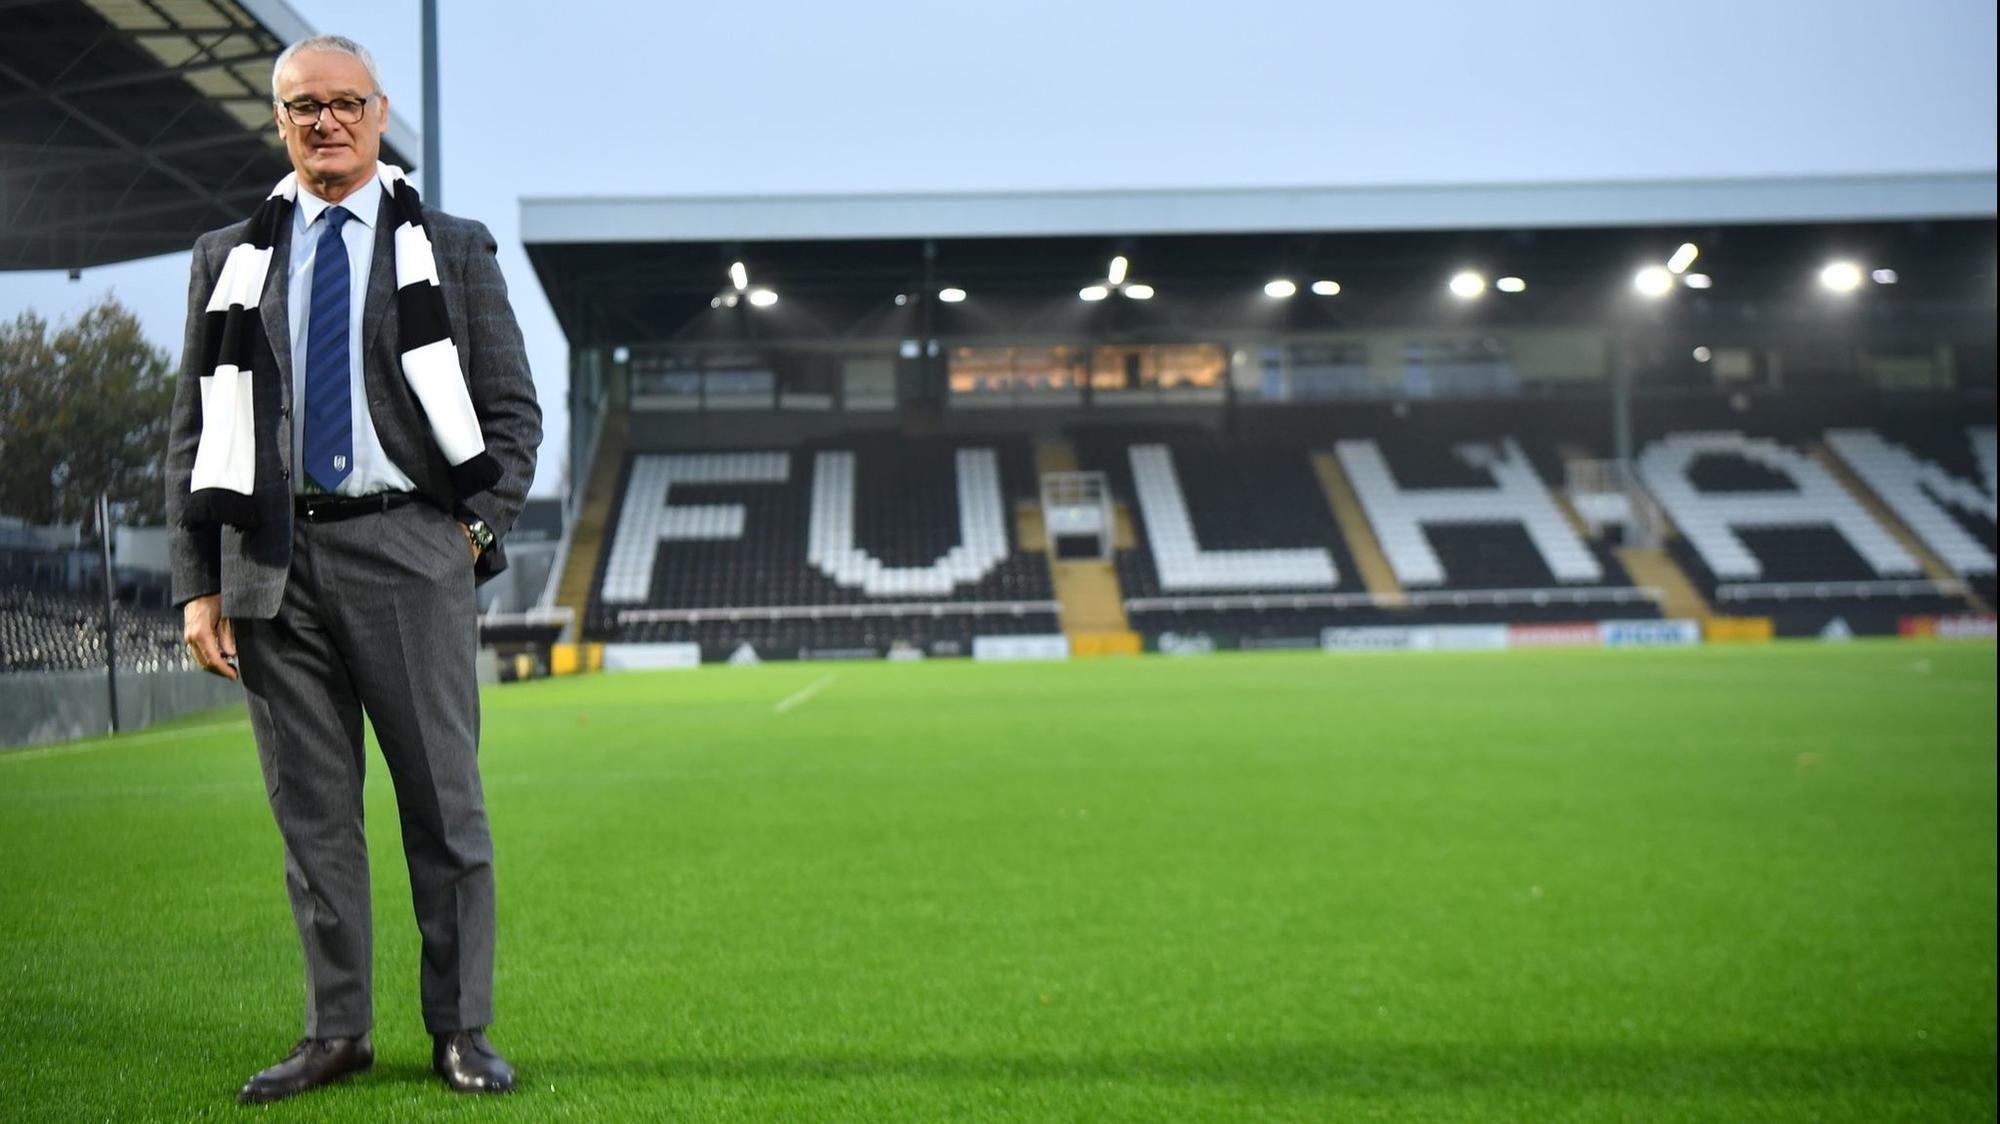 Ranieri Akui Dirinya Gila Karena Telah Menerima Fulham